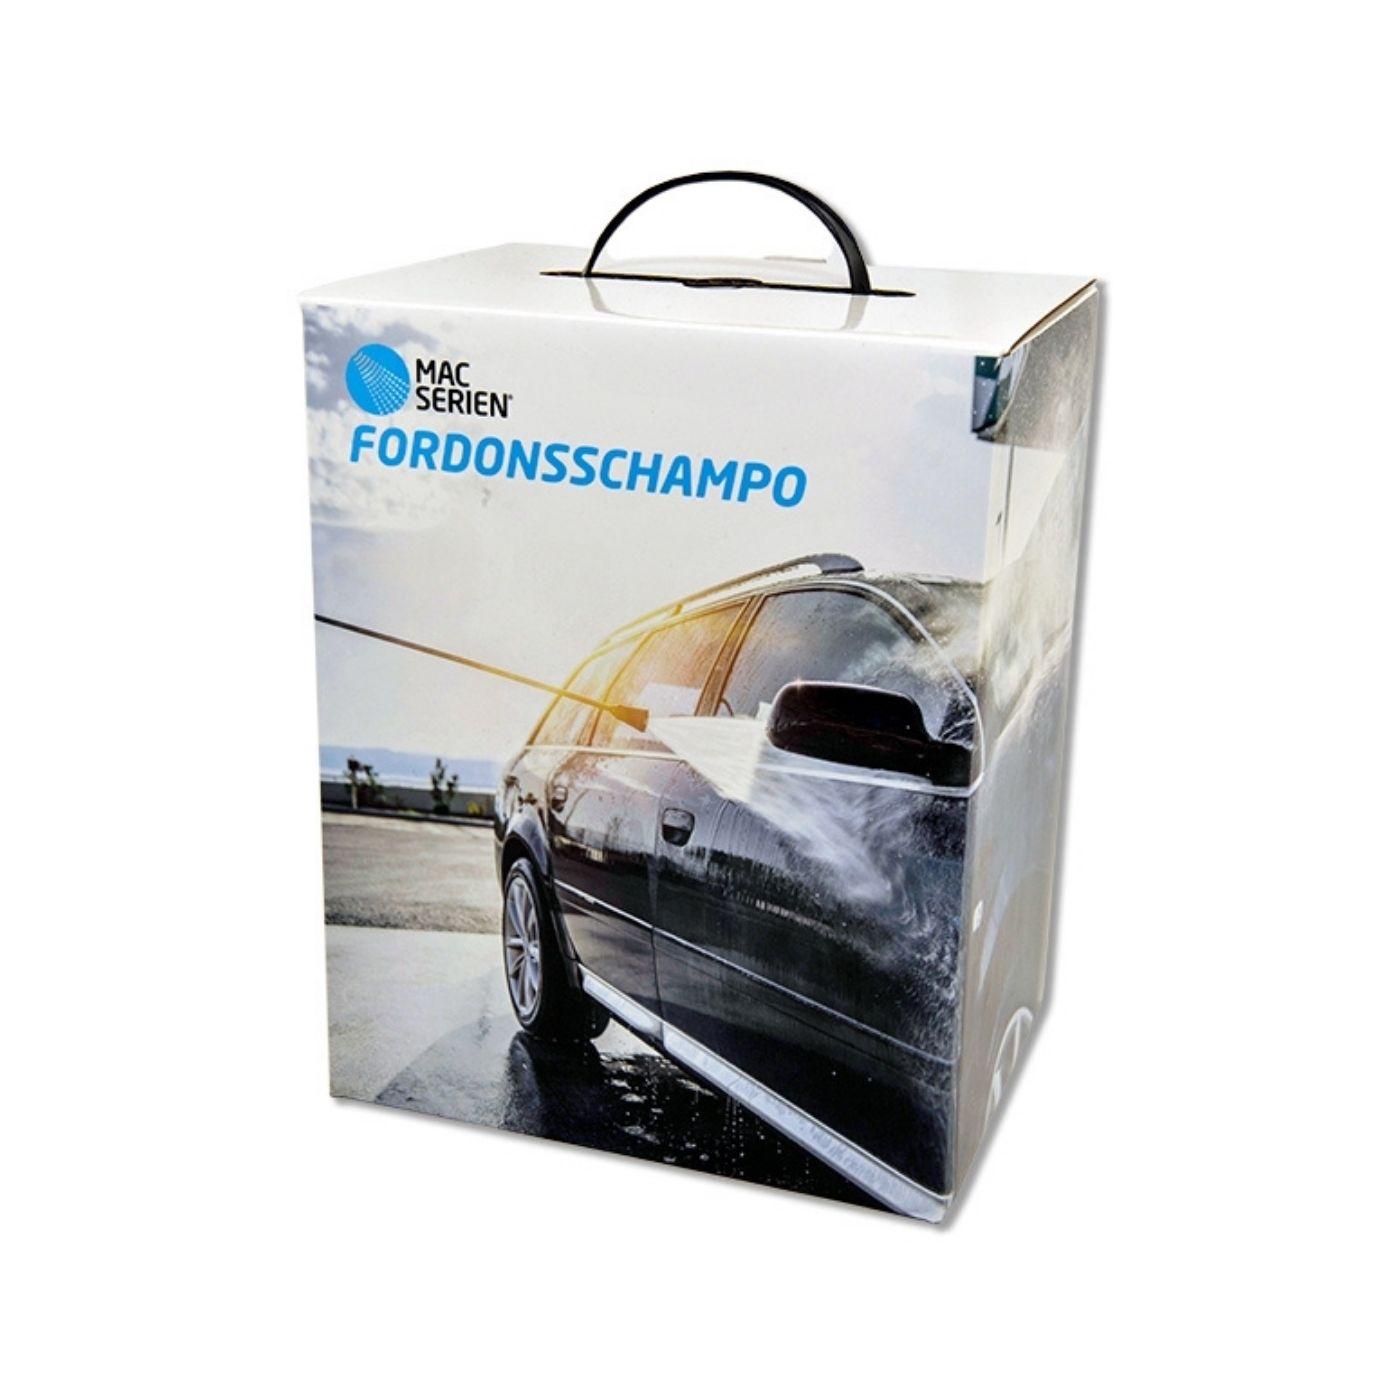 Bilschampo Mac Fordonsschampo Box, 2 x 2500 ml